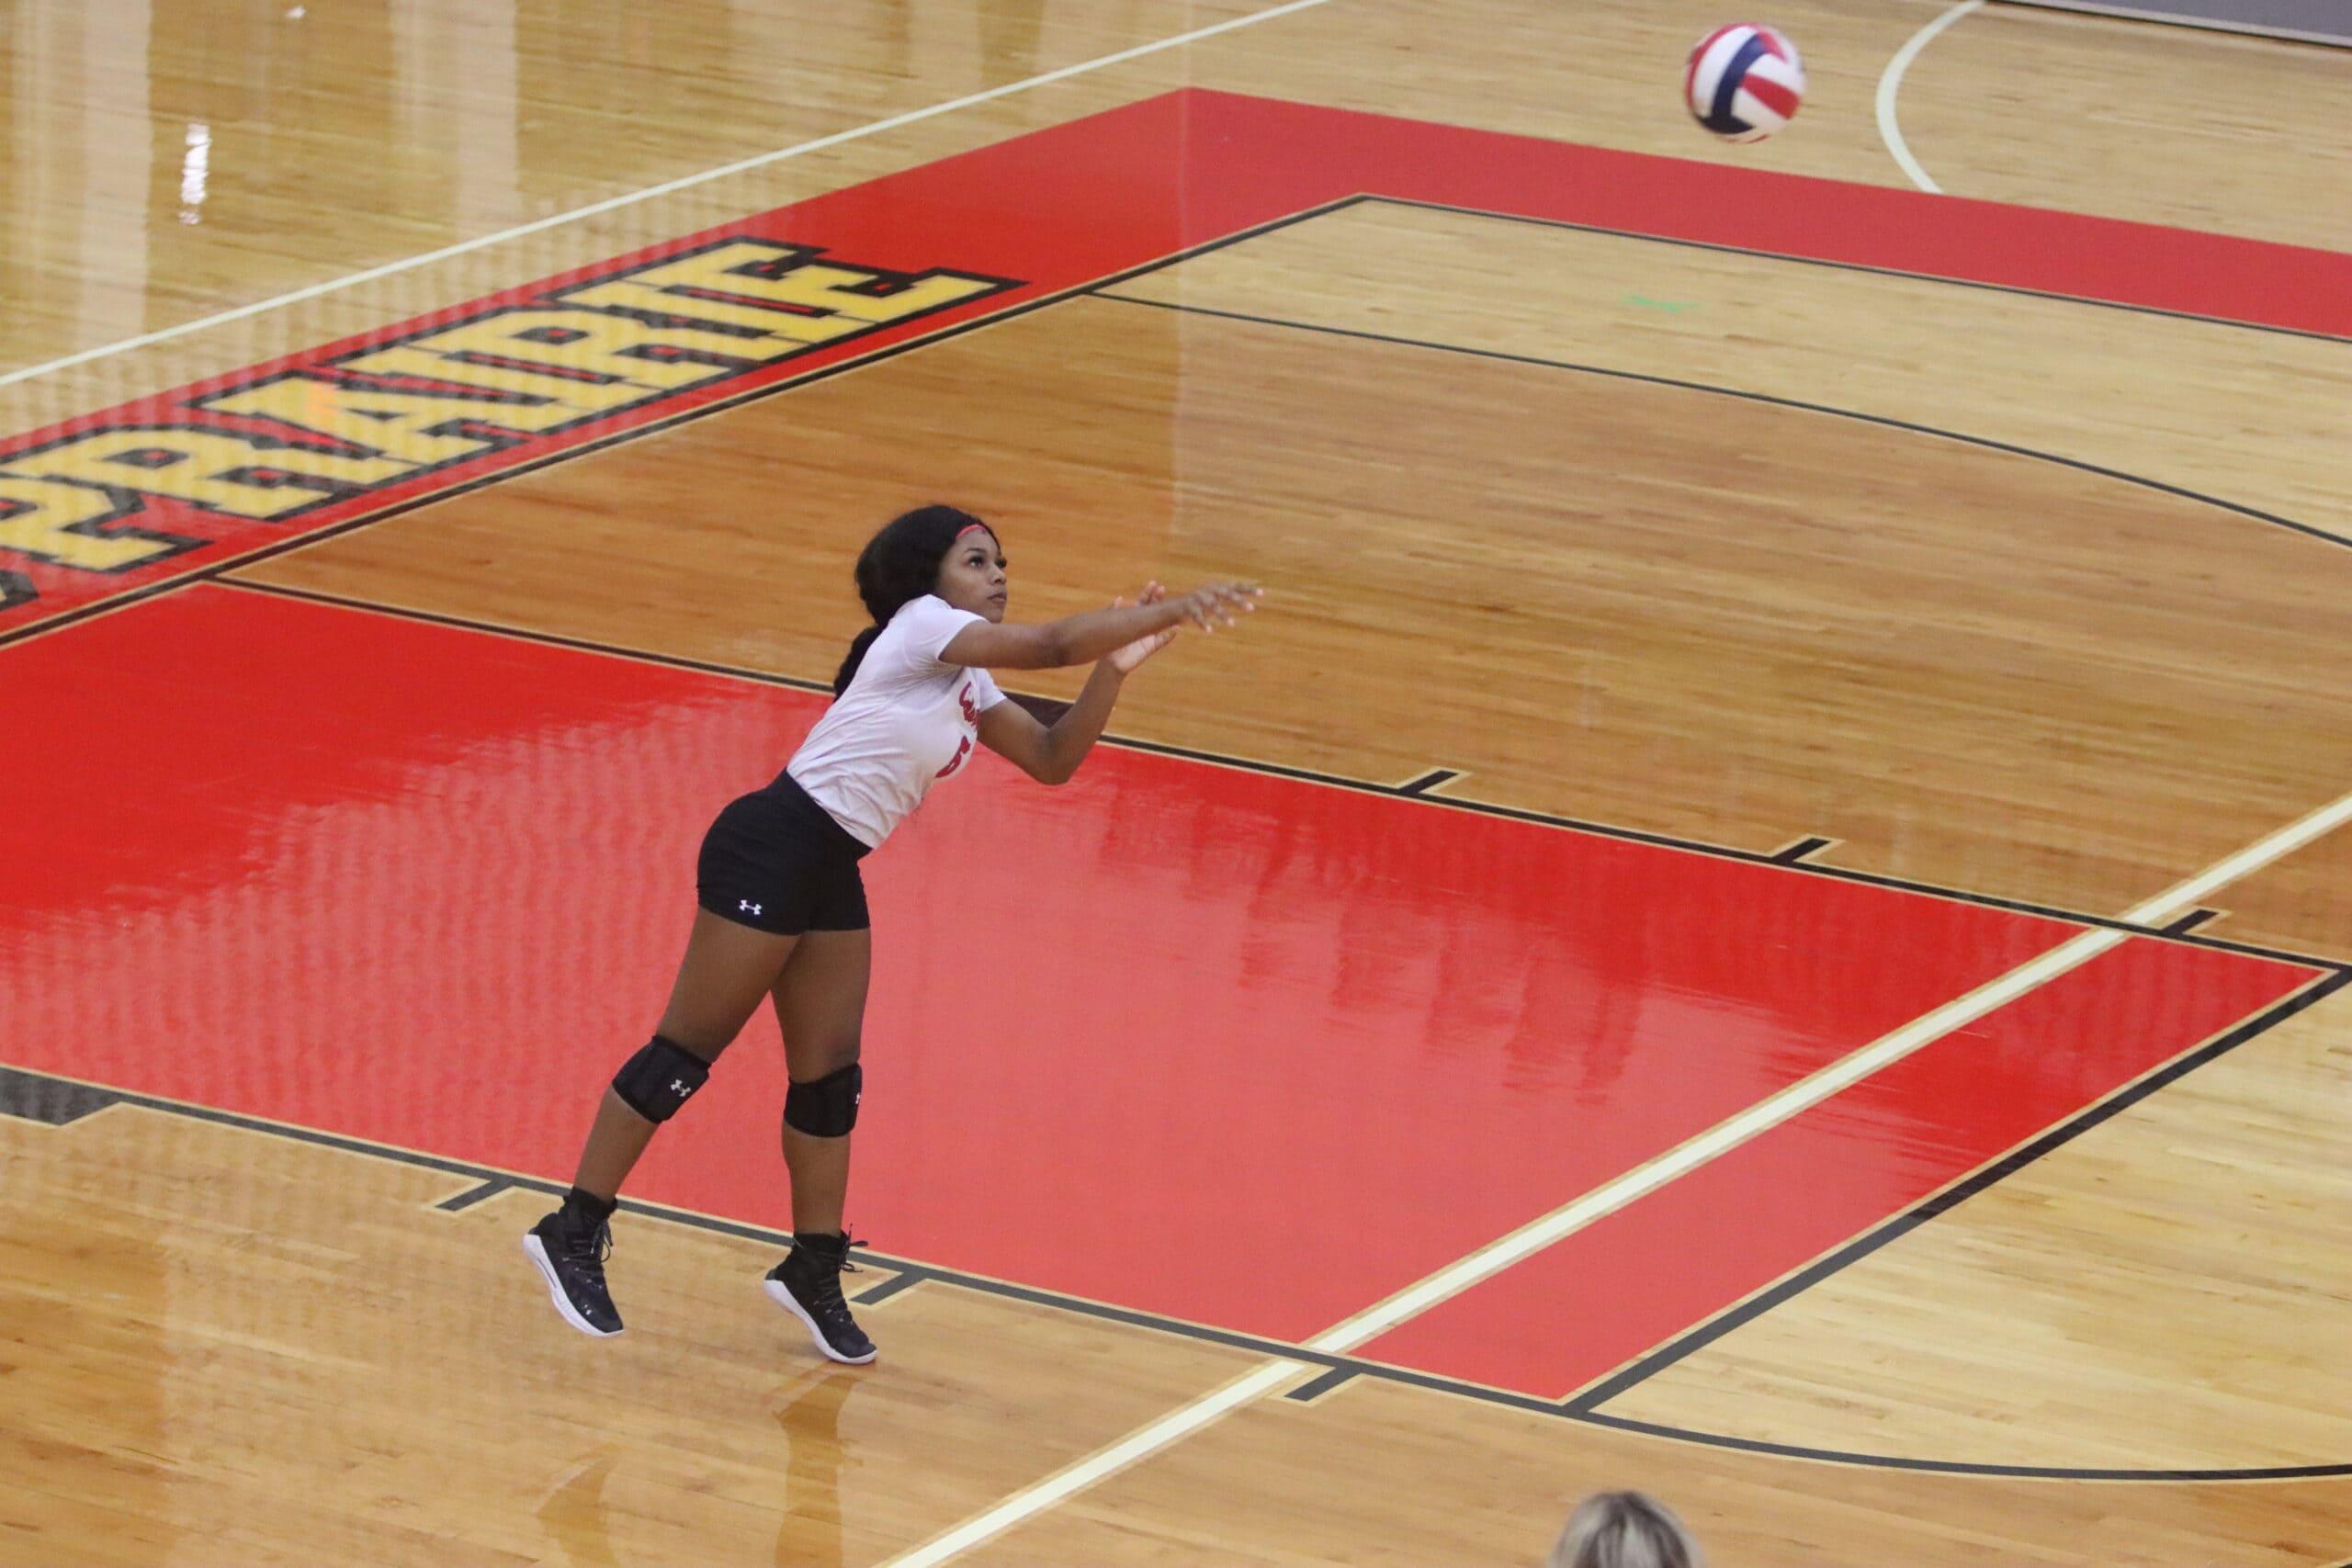 Cedar hill volleyball player